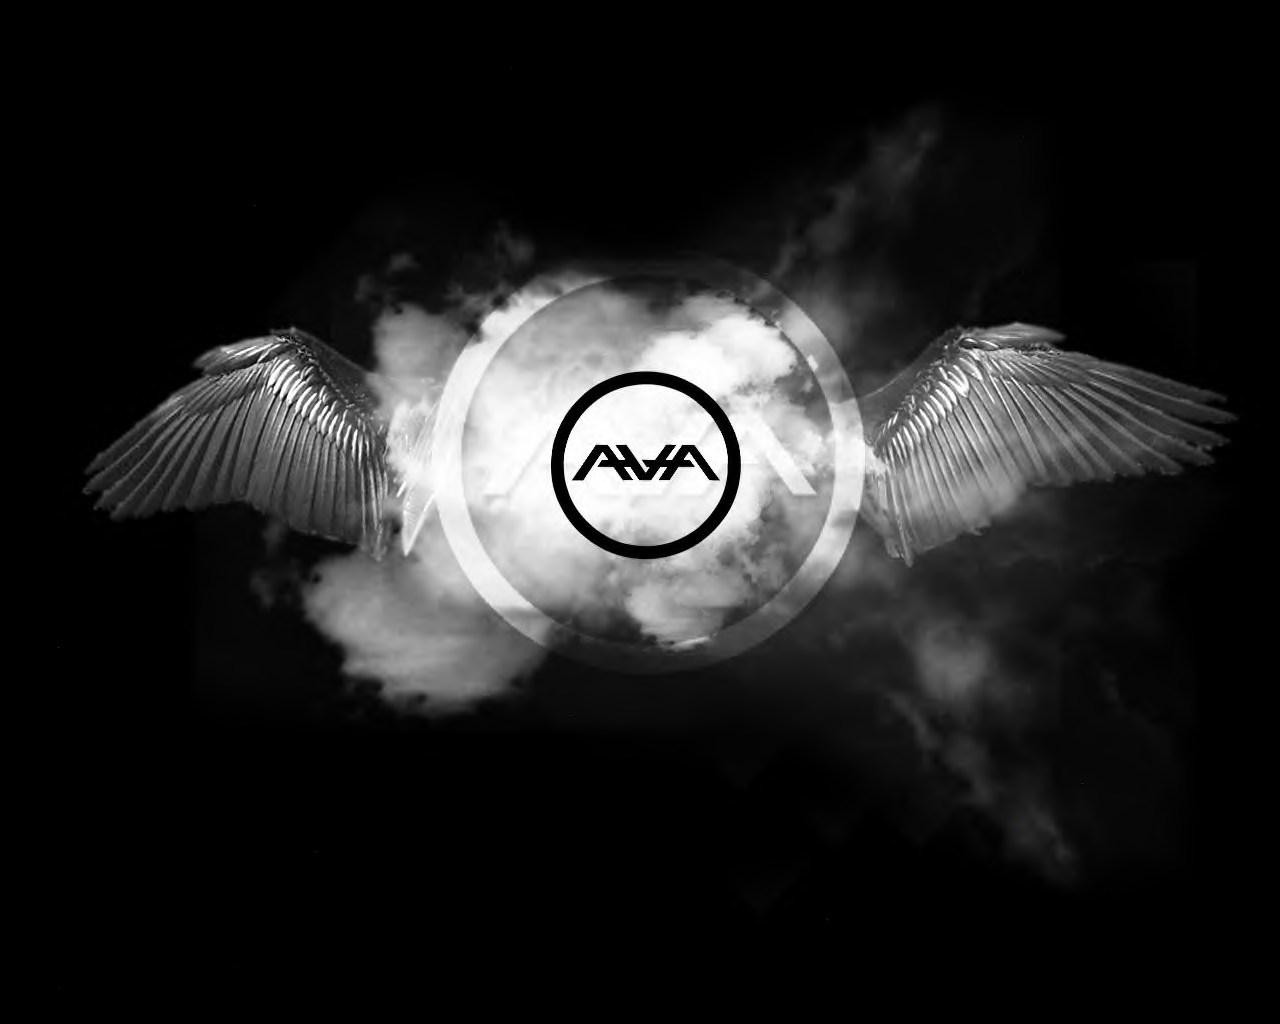 Angels & Airwaves - Angels and Airwaves 1280x1024